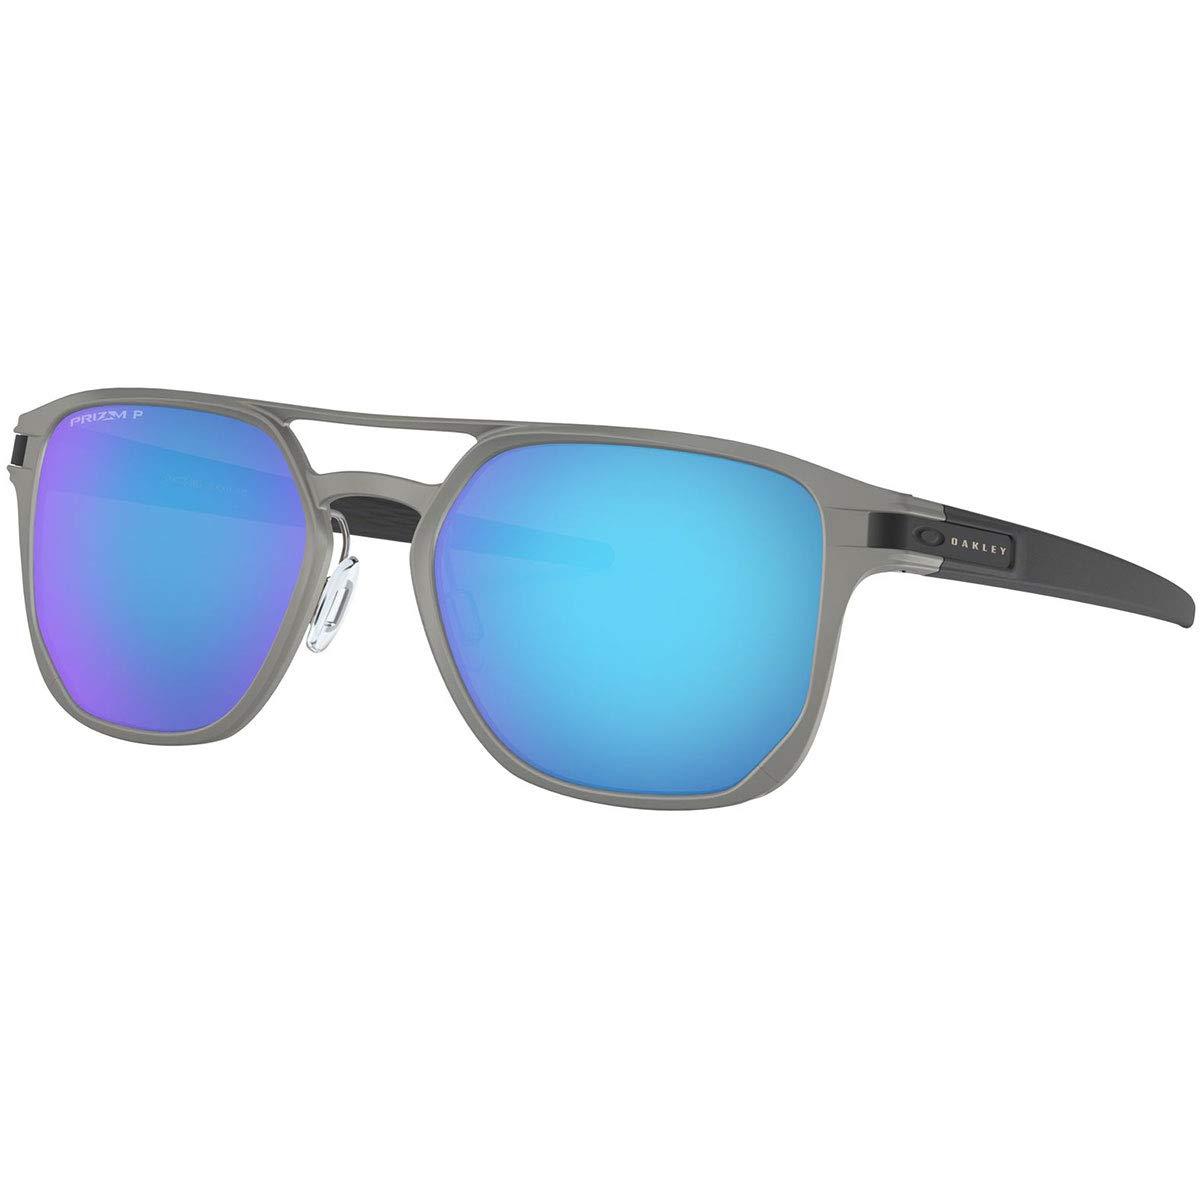 Oakley Men's Latch Alpha Sunglasses,One Size,Silver/Blue by Oakley